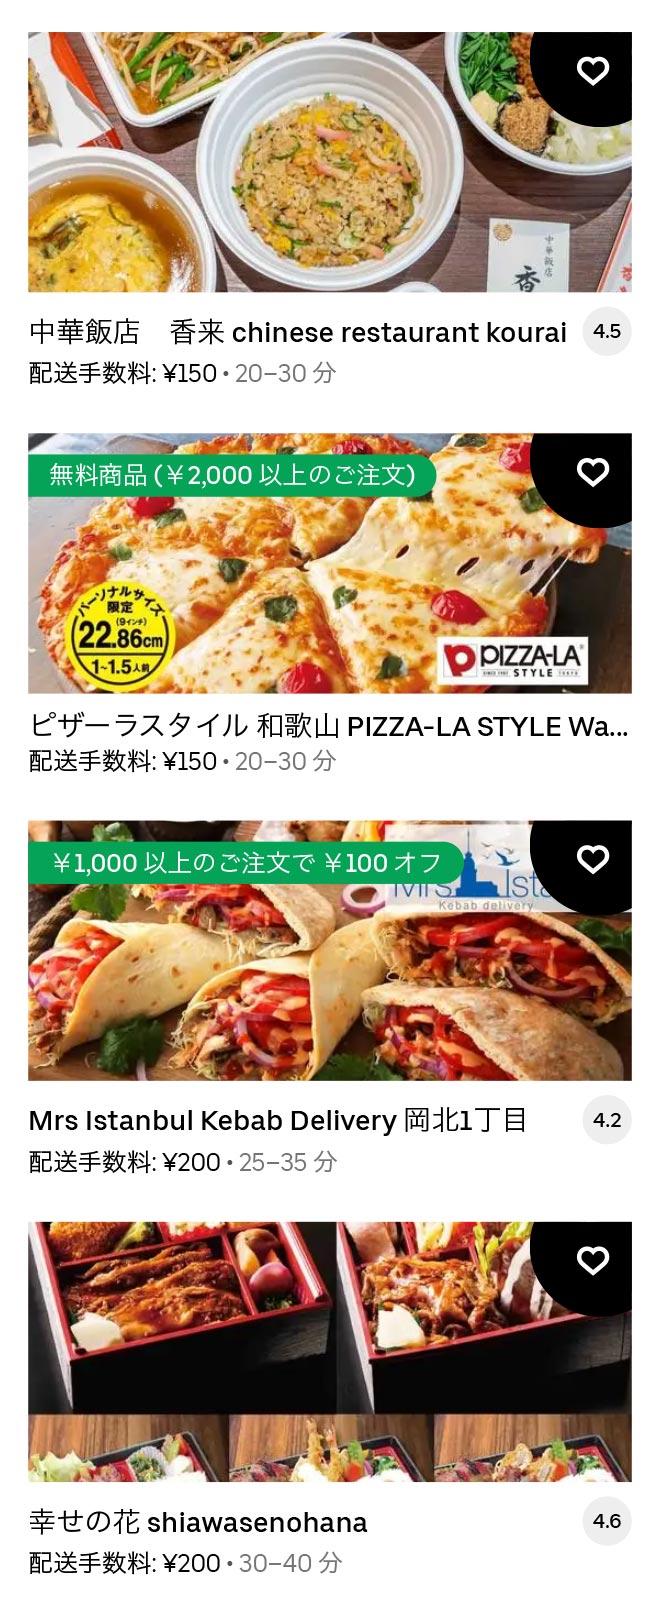 U miyamae menu 2104 08